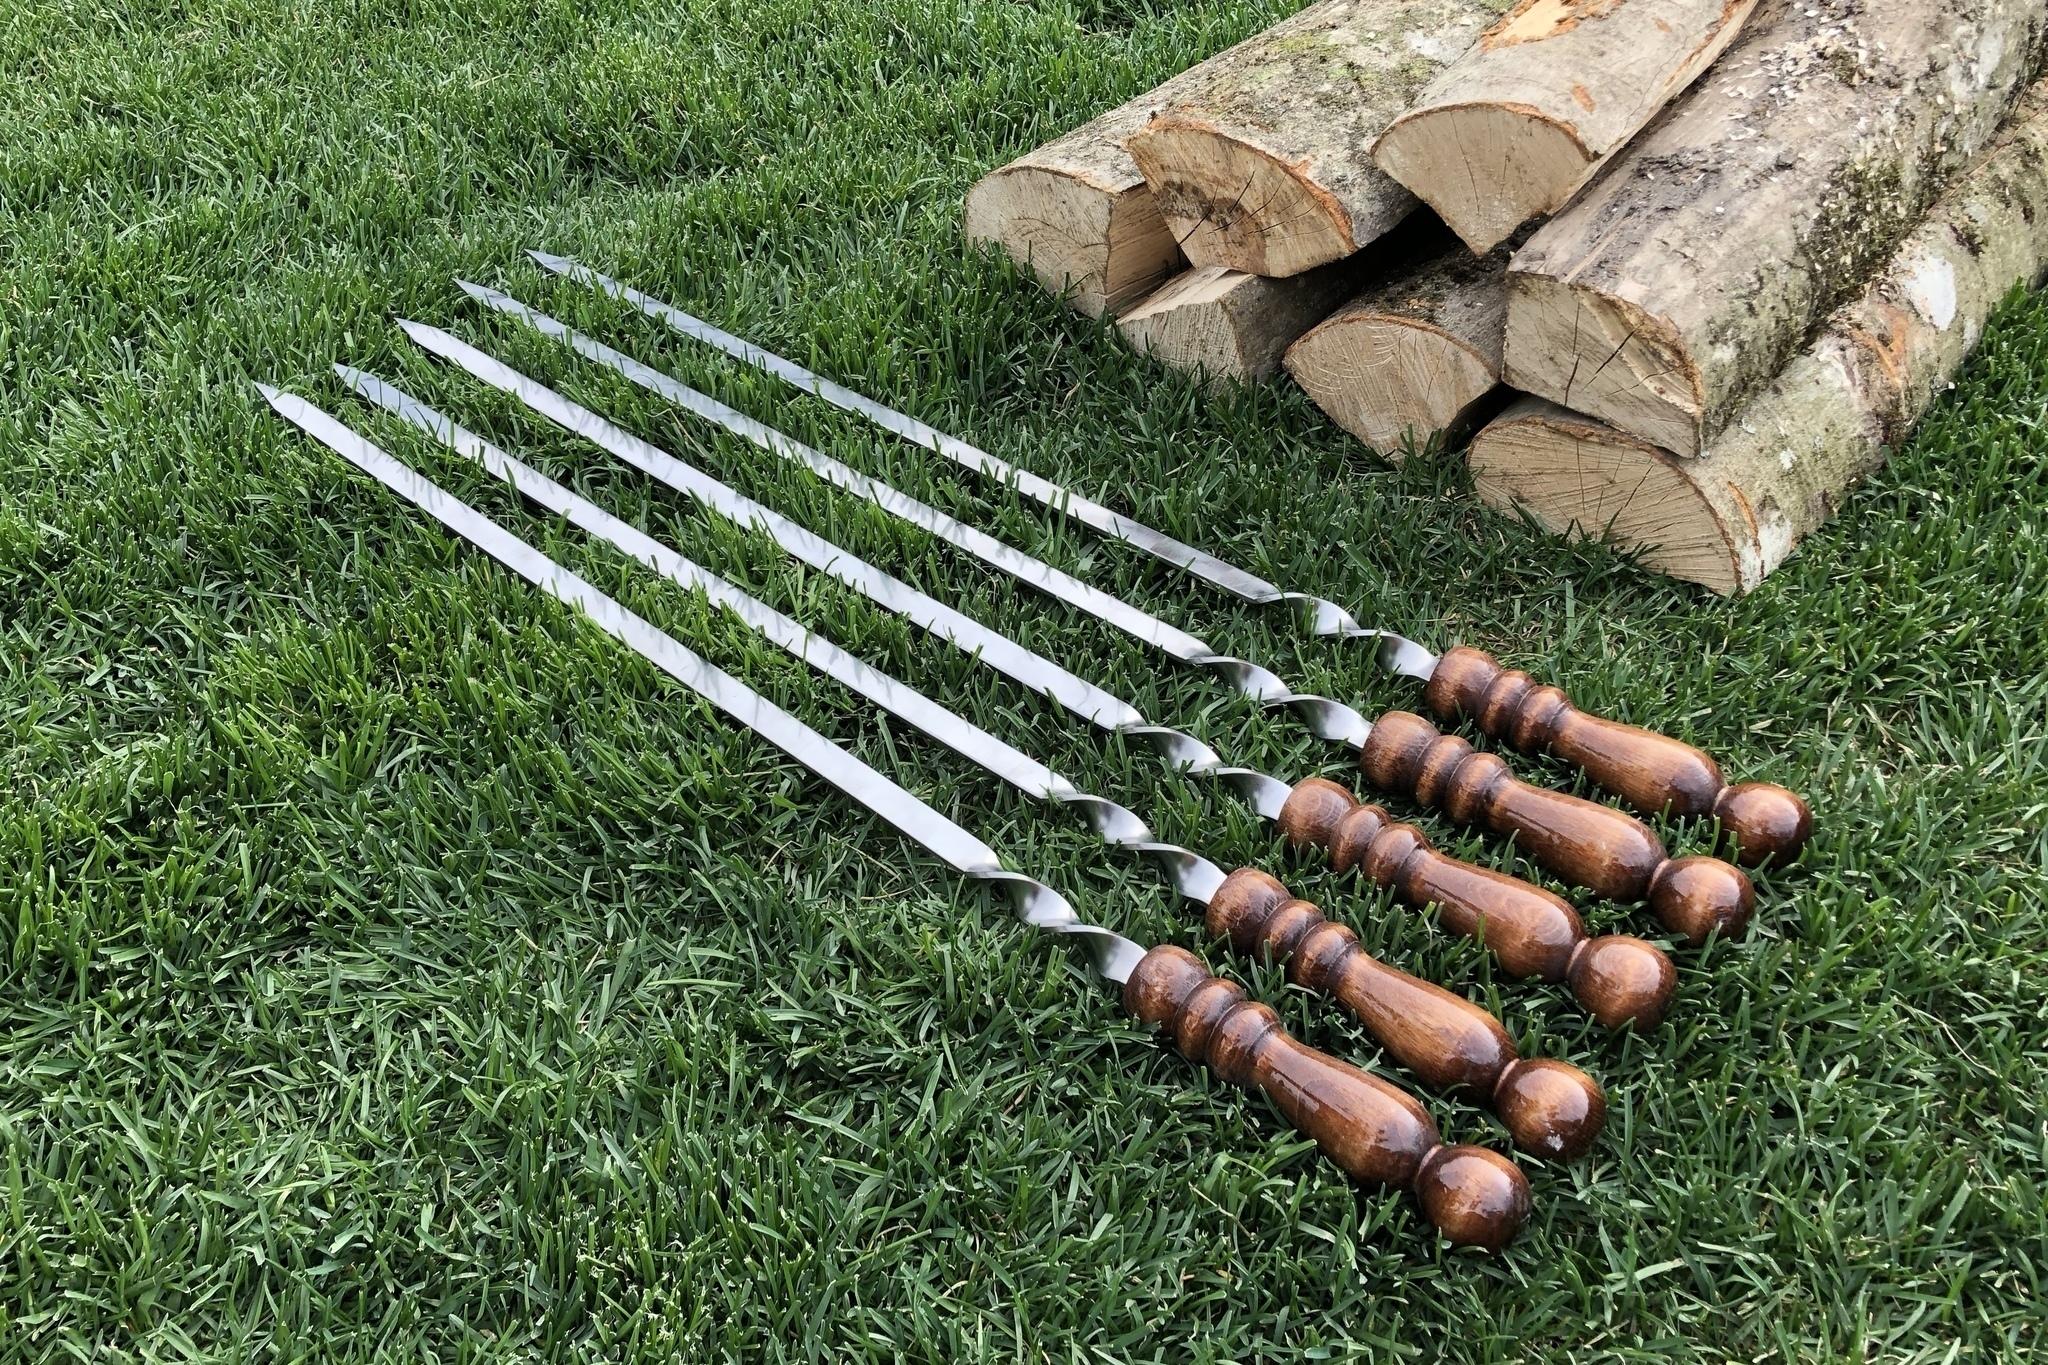 """Шампуры из нержавейки Шампур с деревянной ручкой """"Шар"""" 3мм (ширина 18мм) №4 IMG_3750.JPG"""